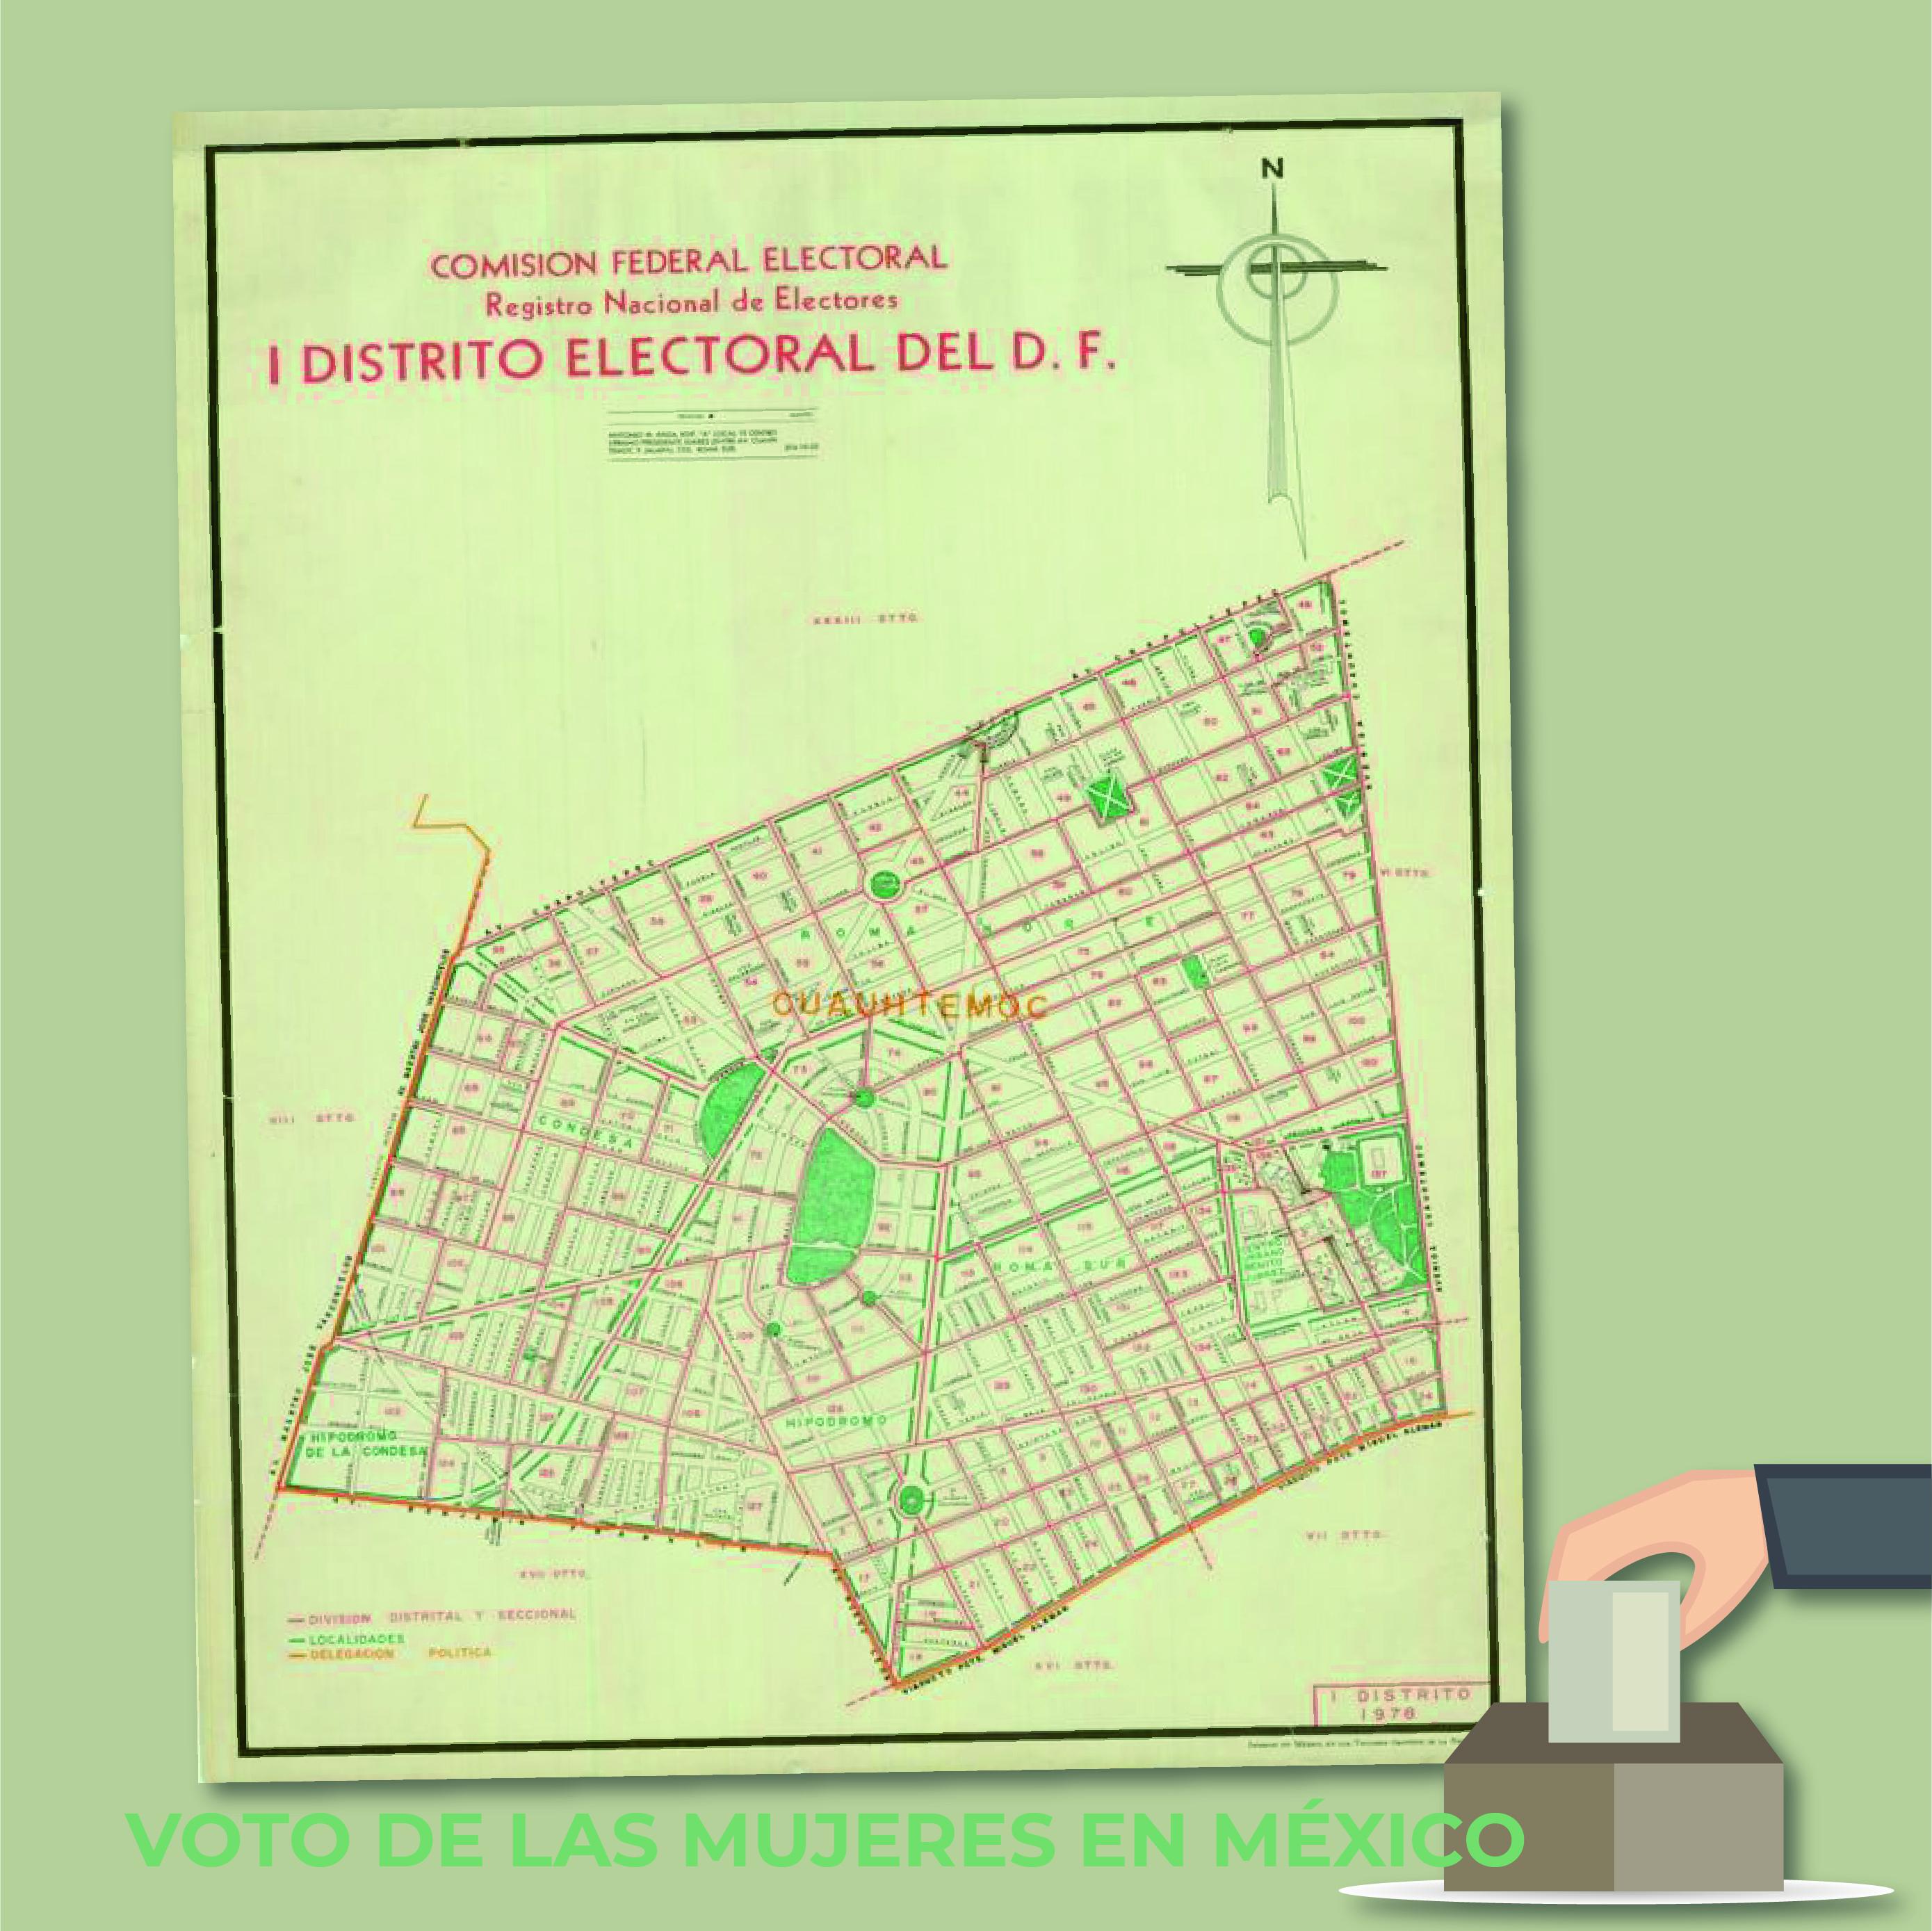 """Para conmemorar esta fecha, la Mapoteca presenta el plano: """"Distrito electoral del Distrito Federal 1"""", elaborado en 1978."""